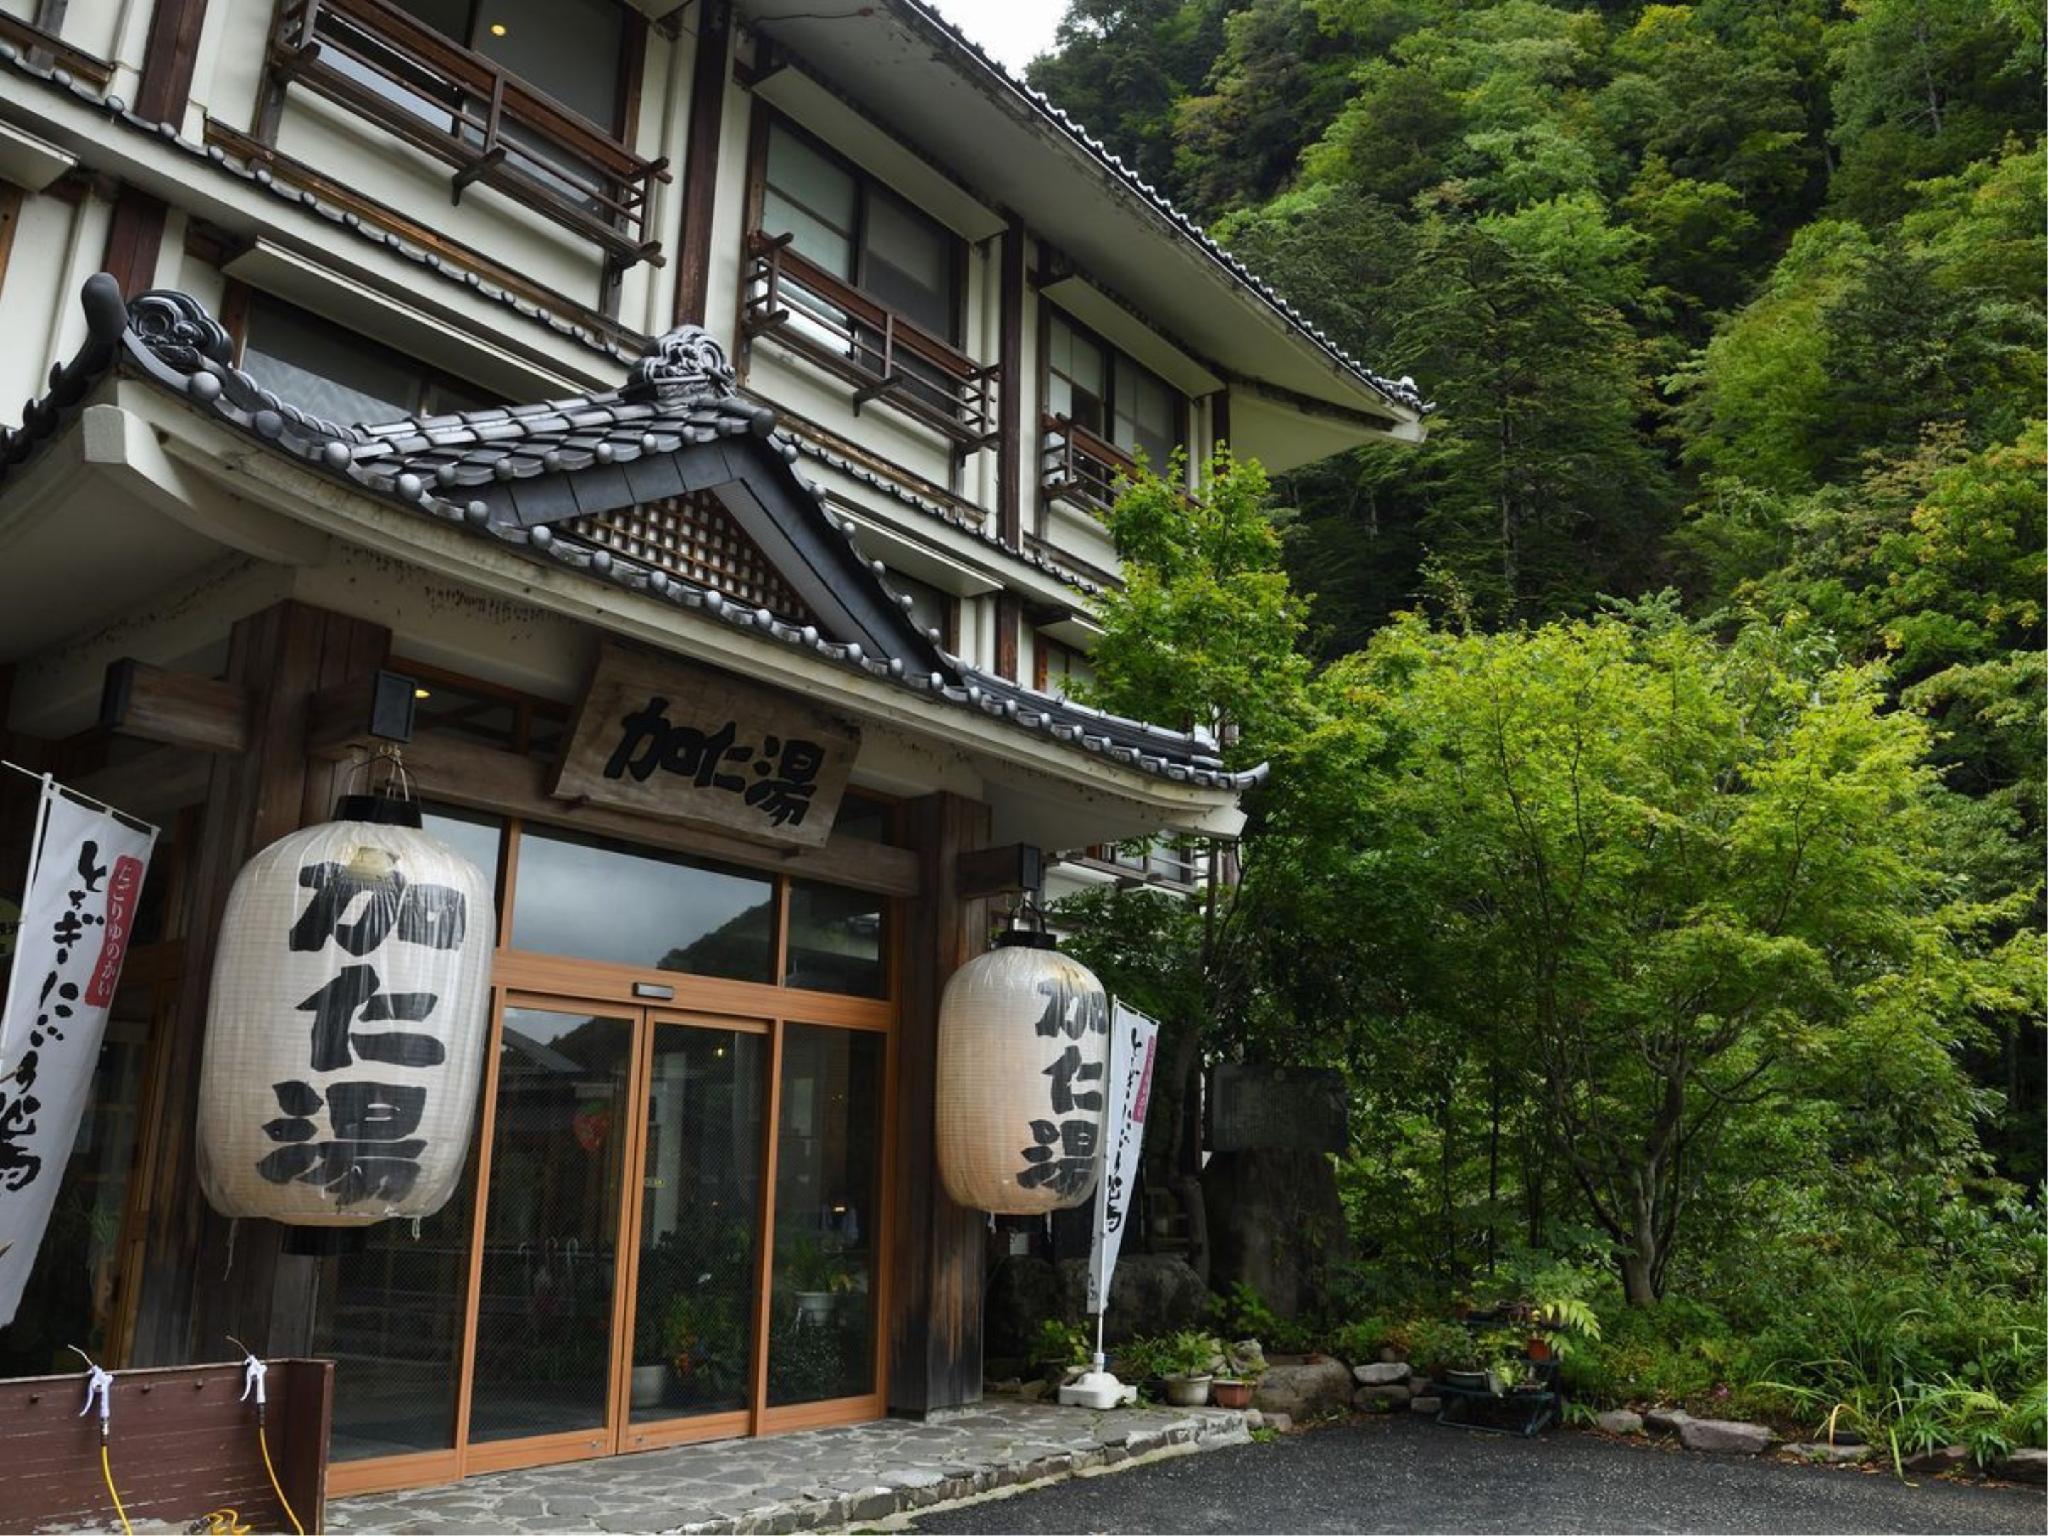 Okukinu Onsen Hotel Kaniyu